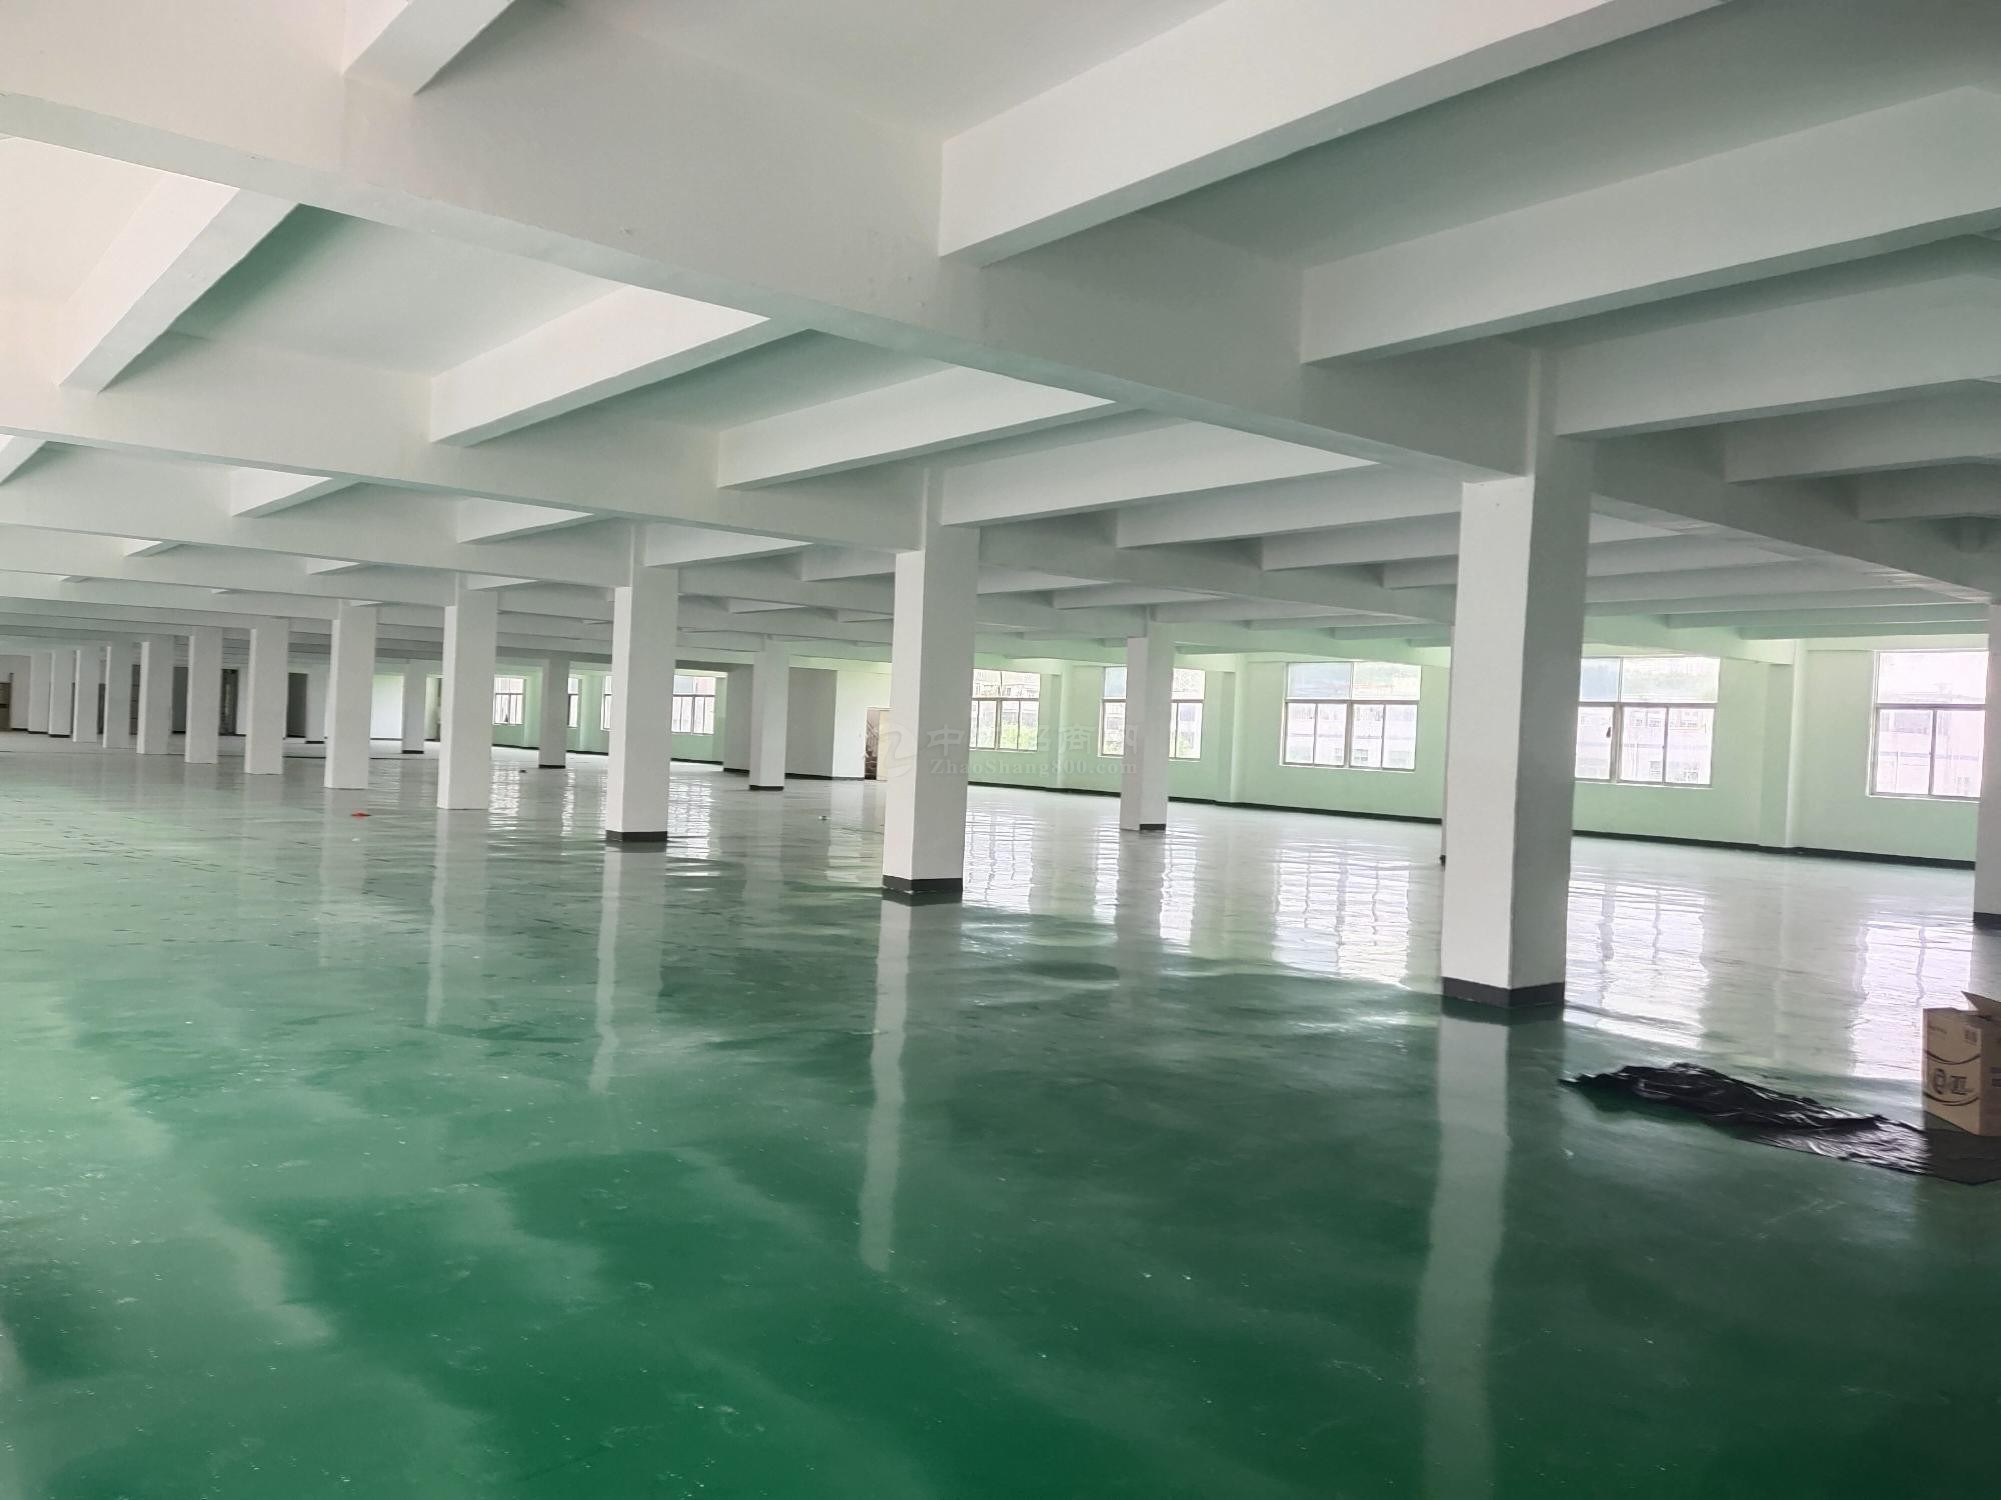 布吉上李朗工业区一楼1200平厂房仓库办公出租可分租,可分租